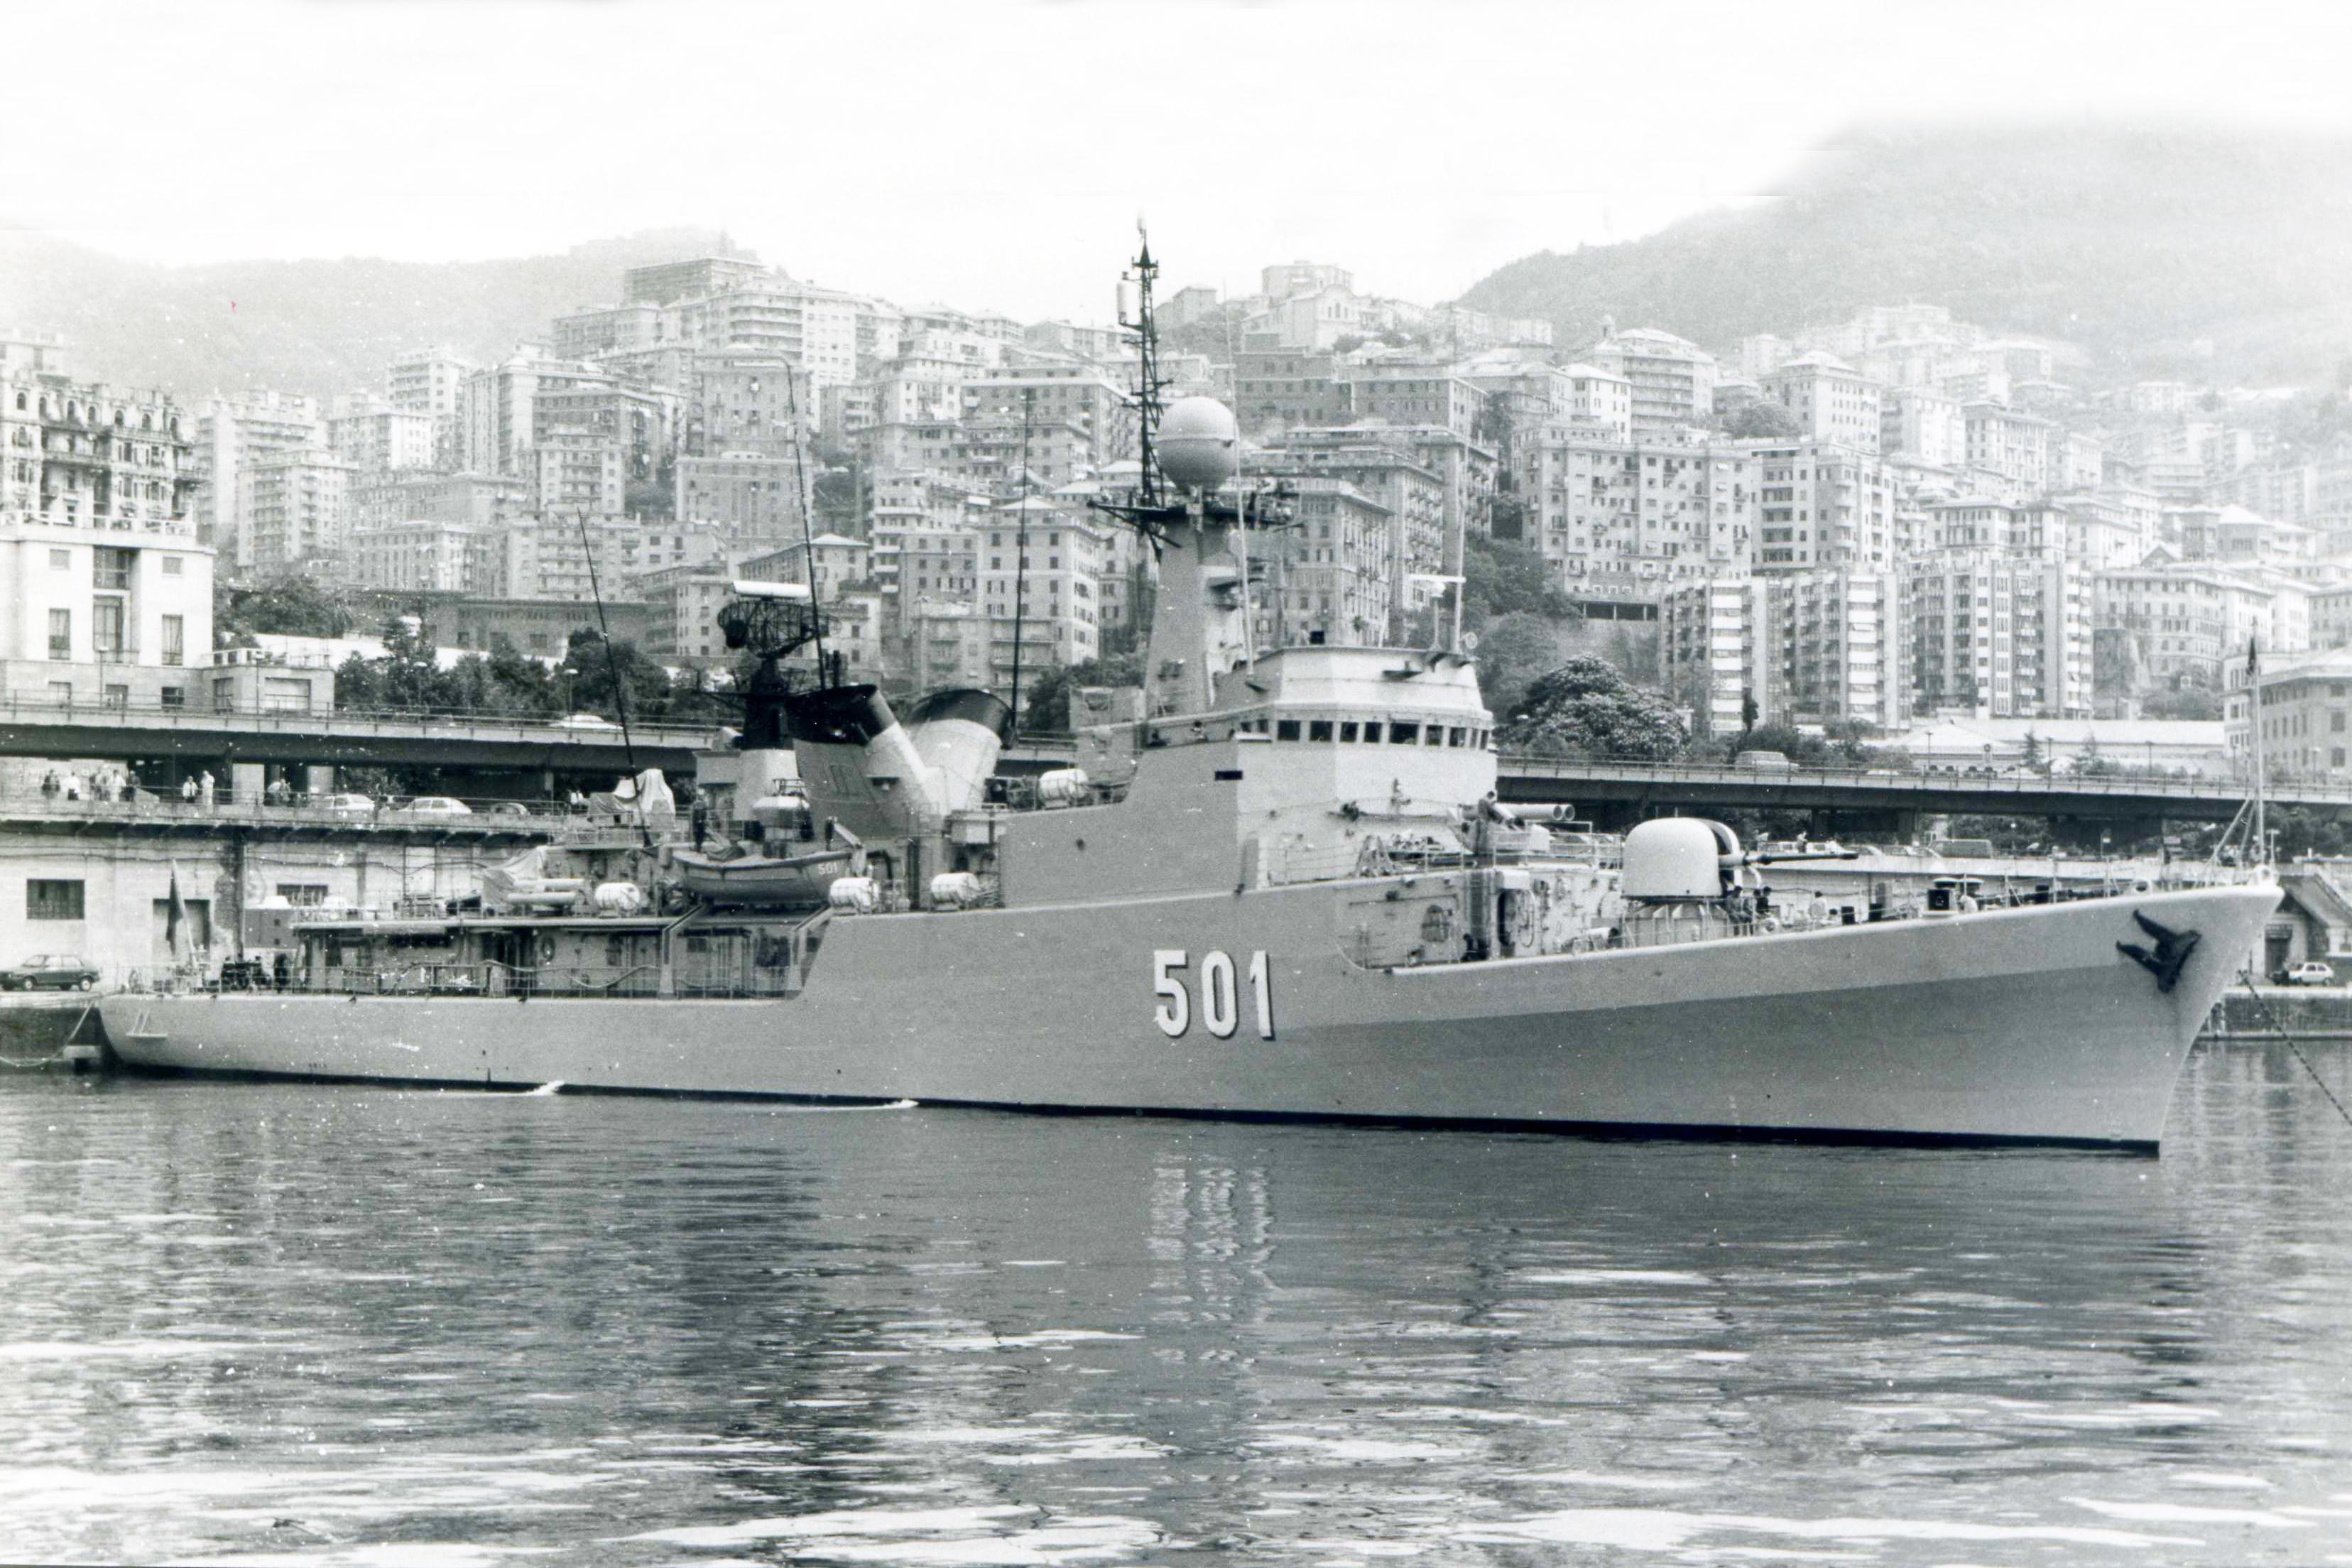 Royal Moroccan Navy Descubierta Frigate / Patrouilleur Océanique Lt Cl Errahmani - Bâtiment École - Page 4 3260087